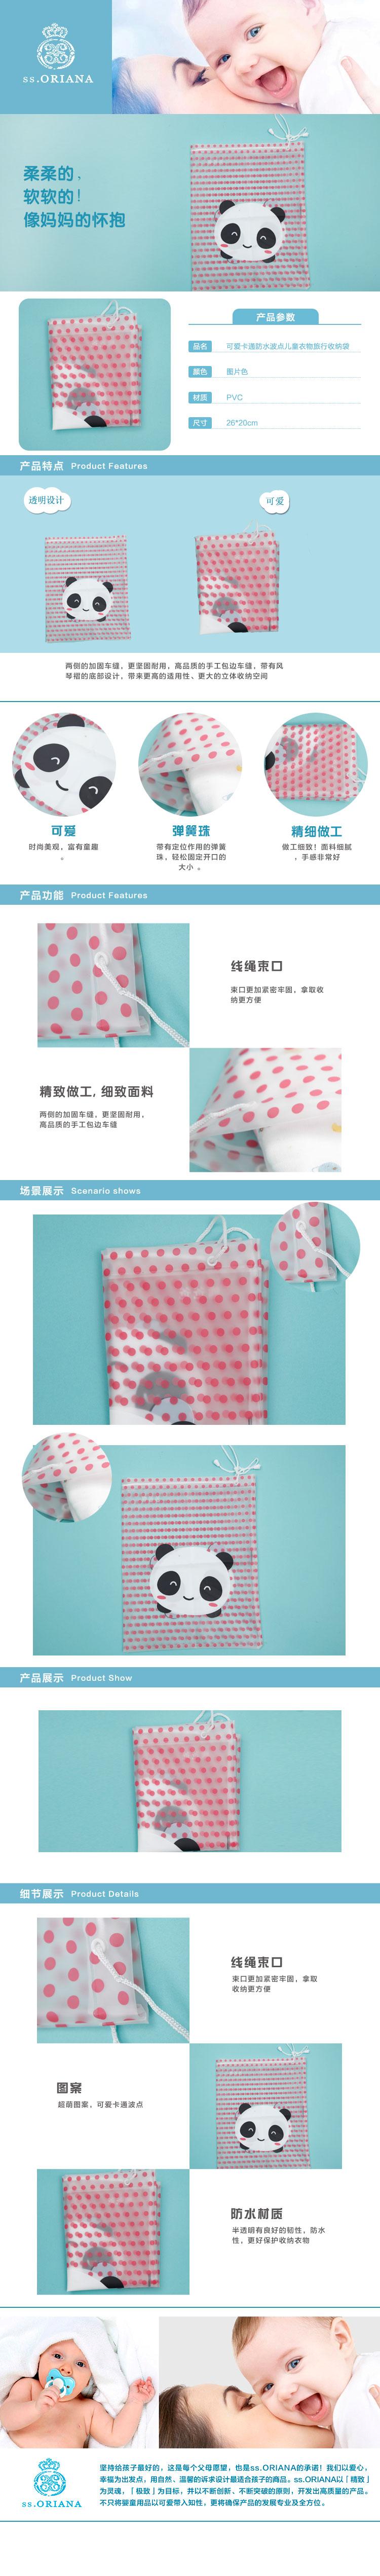 商品名称: 可爱卡通防水波点儿童衣物旅行收纳袋(熊猫小号) 商品分类